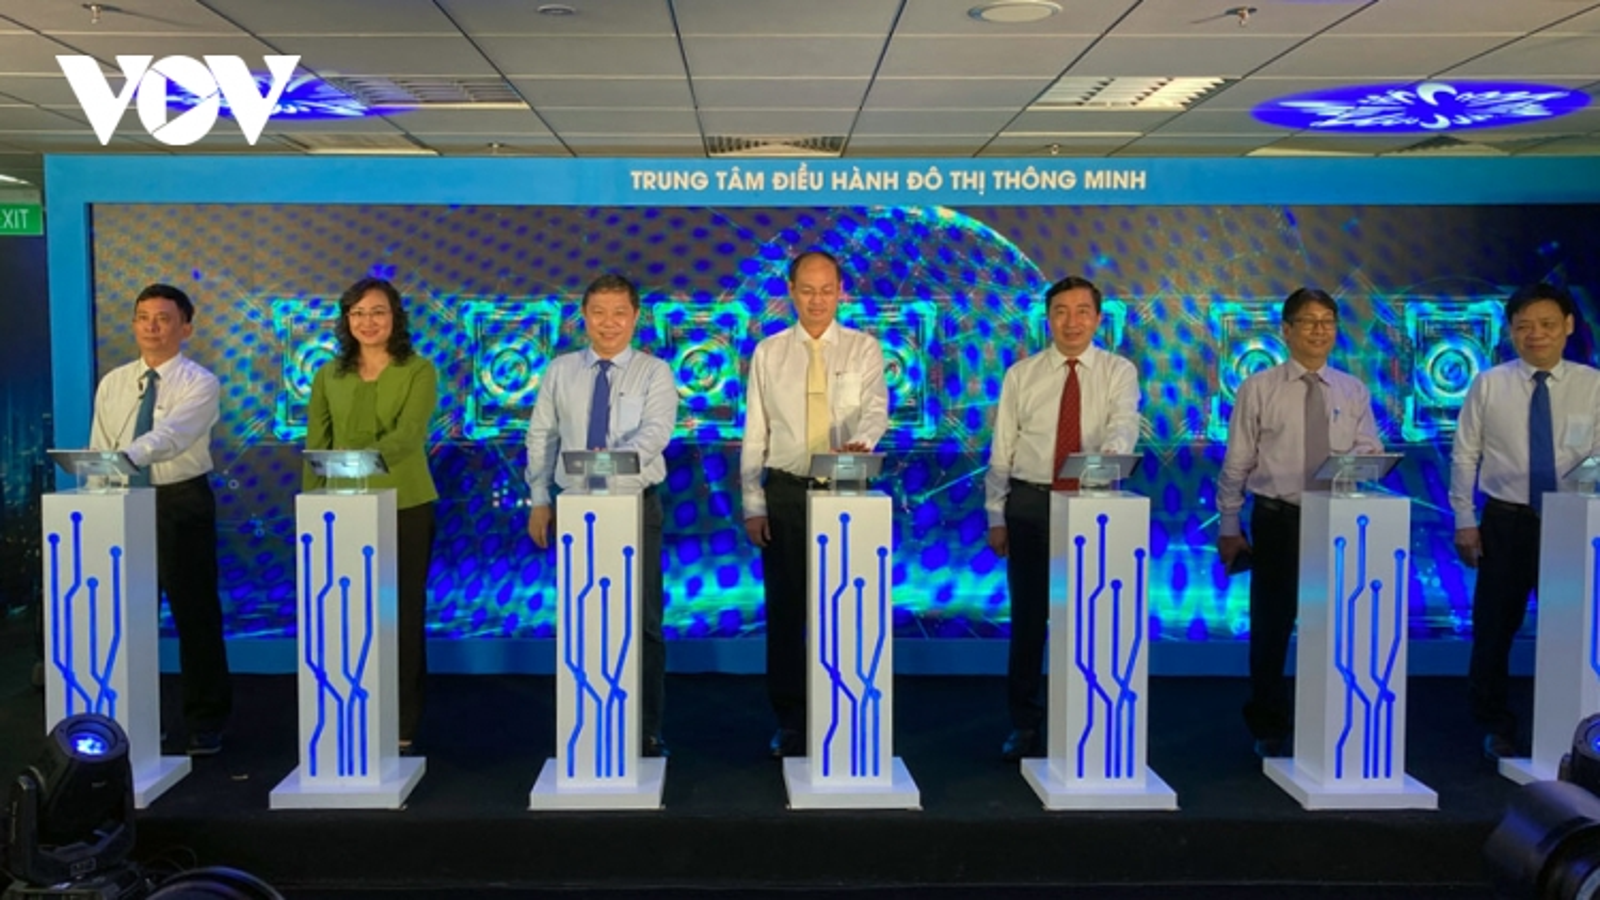 TPHCM ra mắt không gian trải nghiệm chuyển đổi số, hướng tới xây dựng chính quyền điện tử